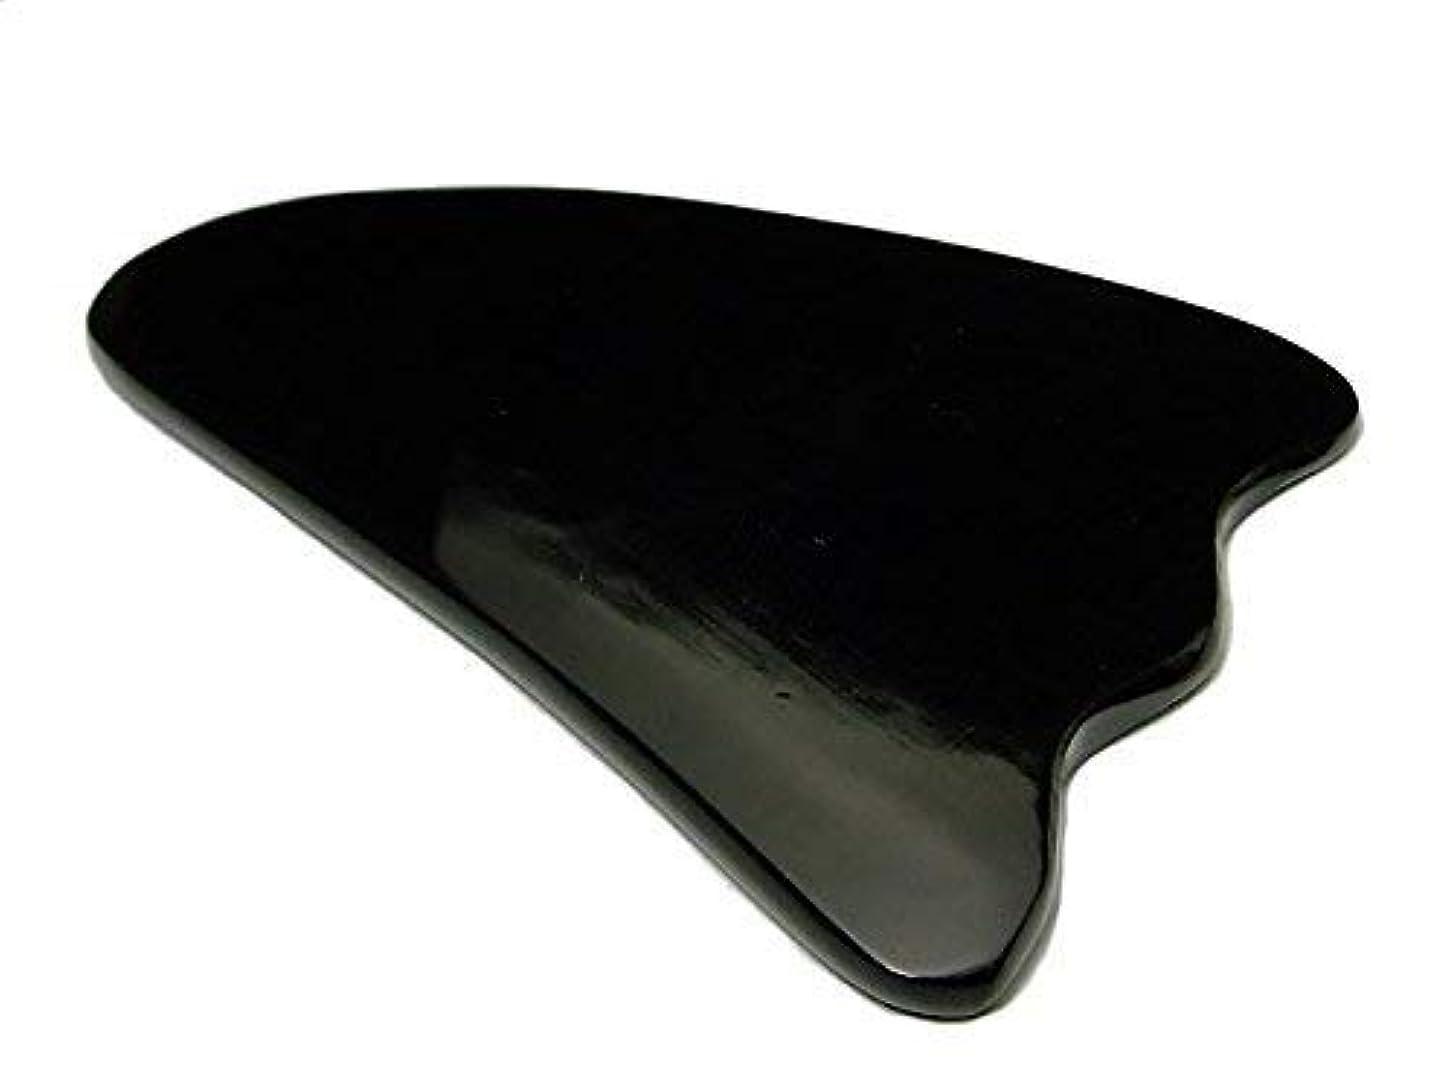 運賃技術ボーナスかっさプレートK 水牛の角(黒水牛角) 羽 ポーチ付き 美肌 美顔 美容 マッサージ用 天然石 パワーストーン